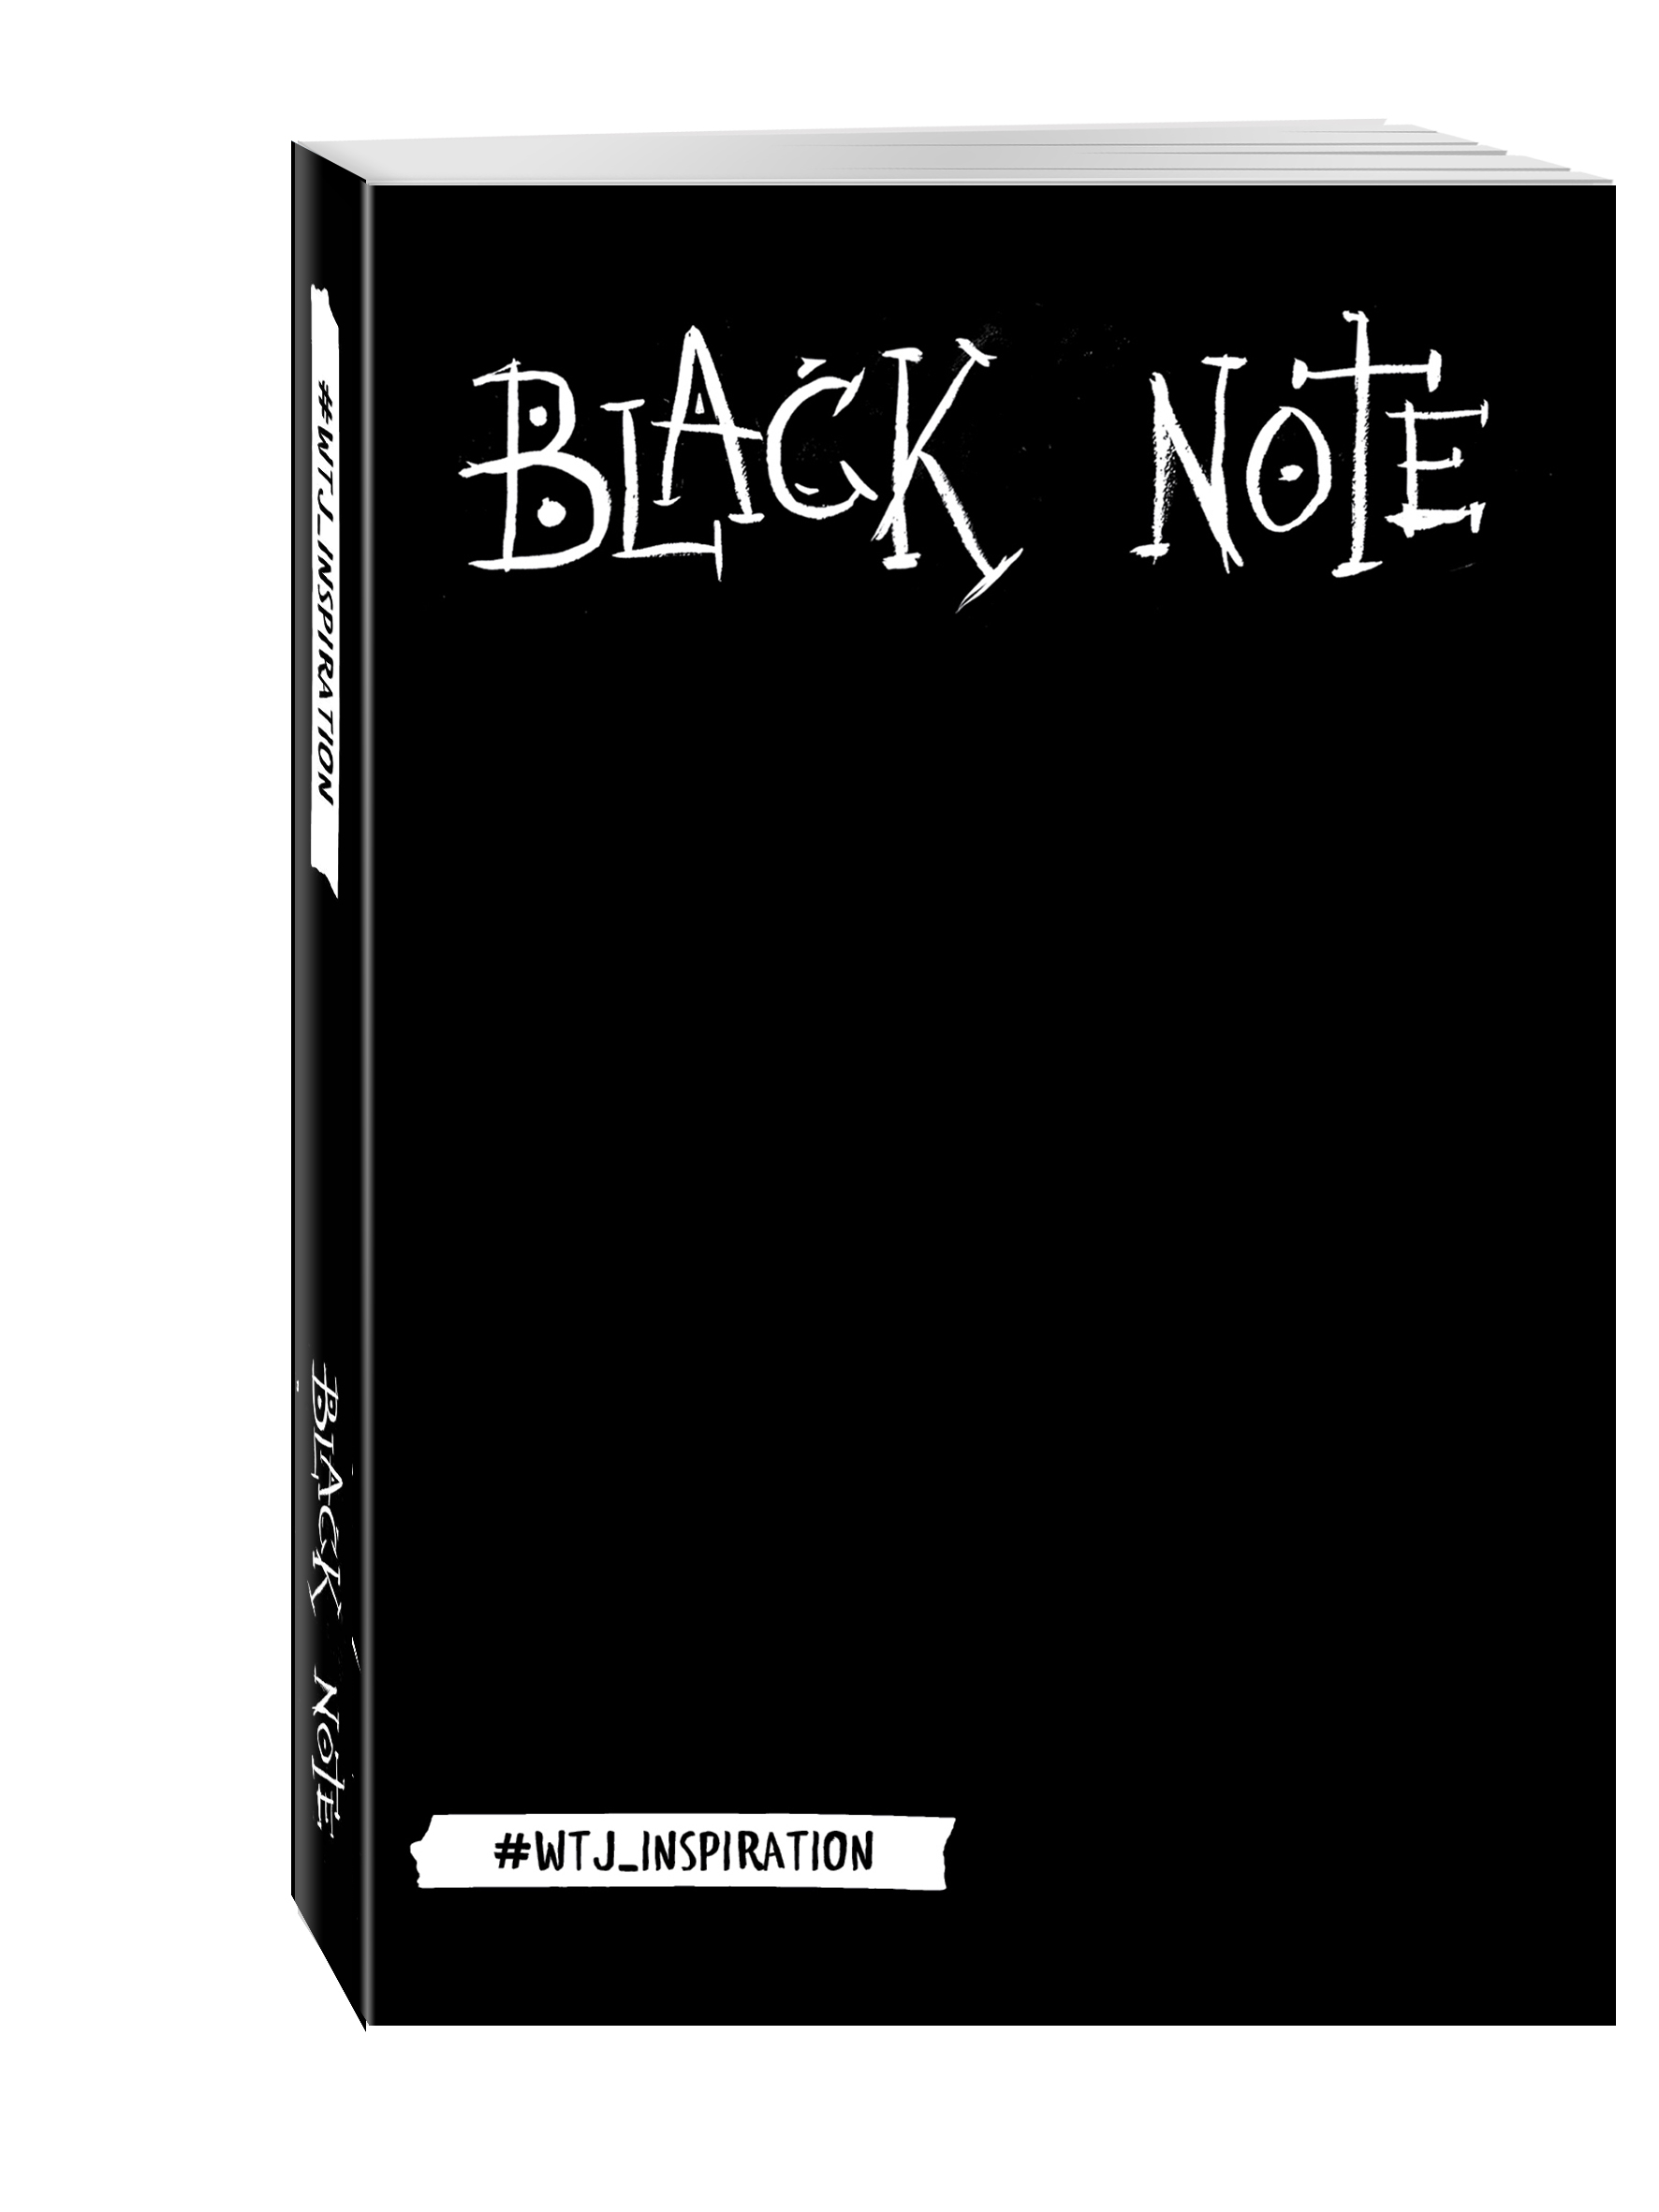 Комплект. Black Note. Креативный блокнот с черными страницами (мягкая обложка) + Комплект из 2-х белых ручек и белого карандаша WTJ_INSPIRATION silver note креативный блокнот с серебряными страницами мяг обл а5 192 стр